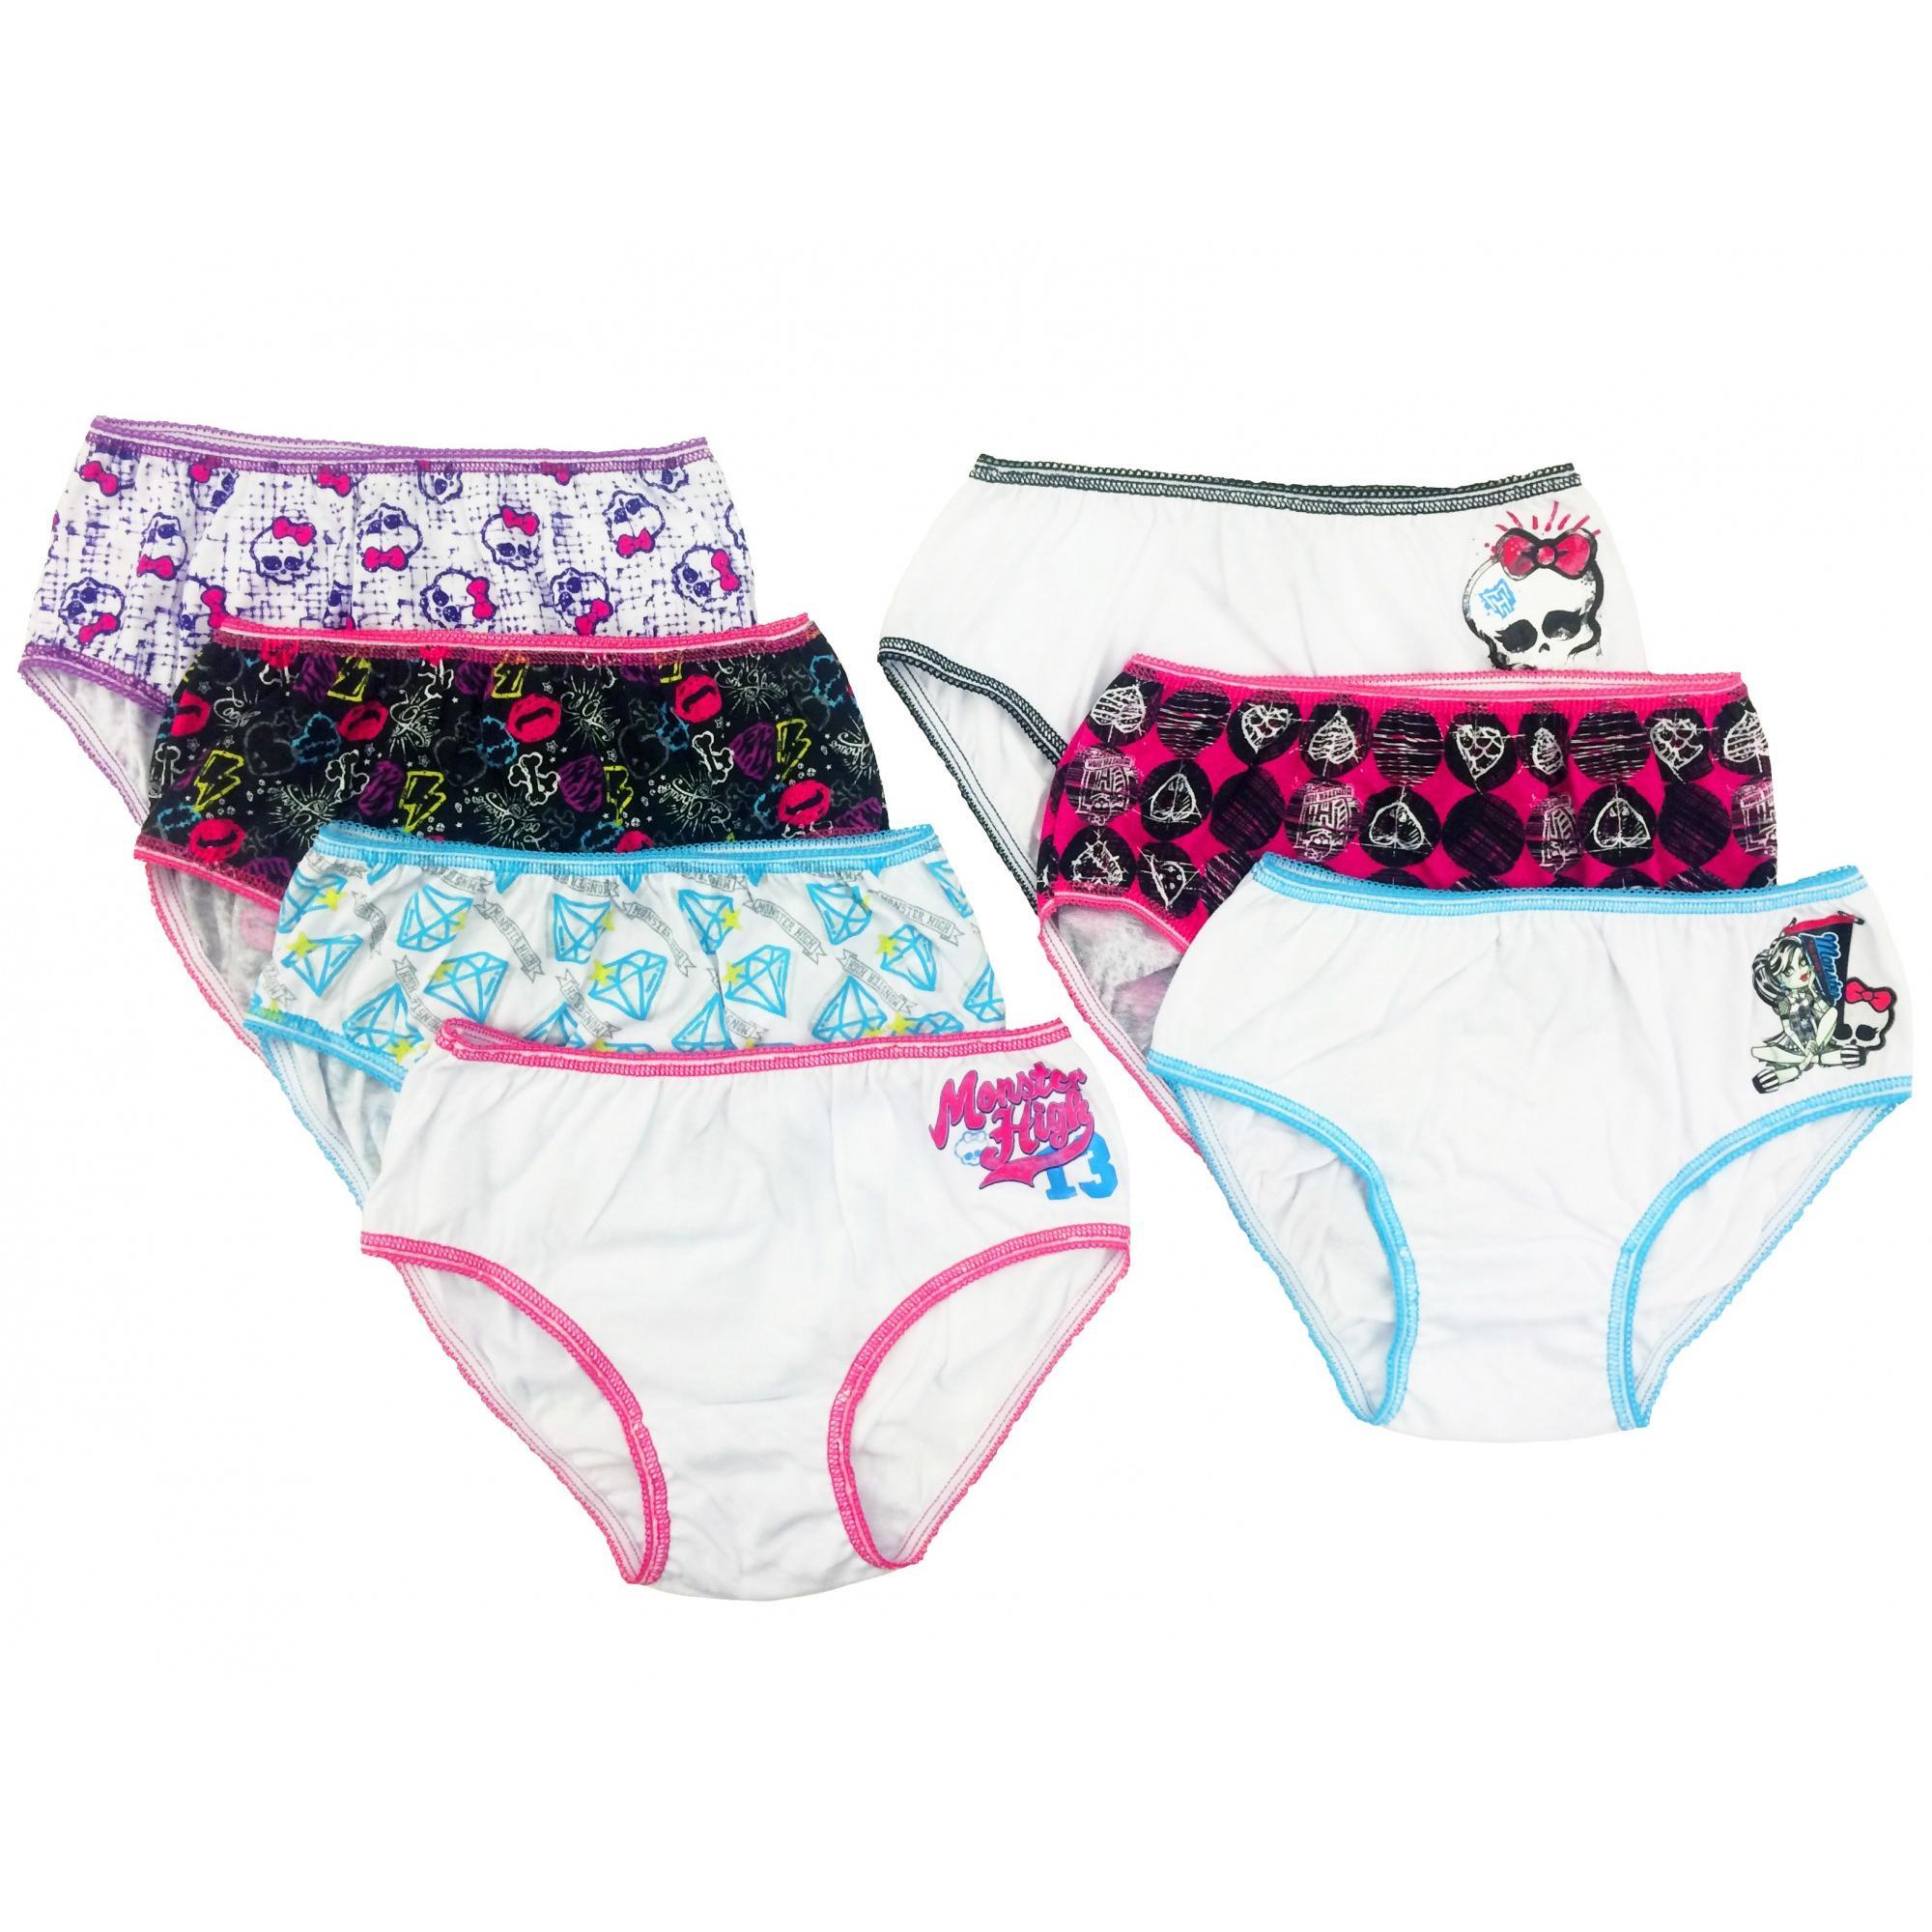 Handcraft Children's Apparel Monster High Girls Underwear 7 Pack